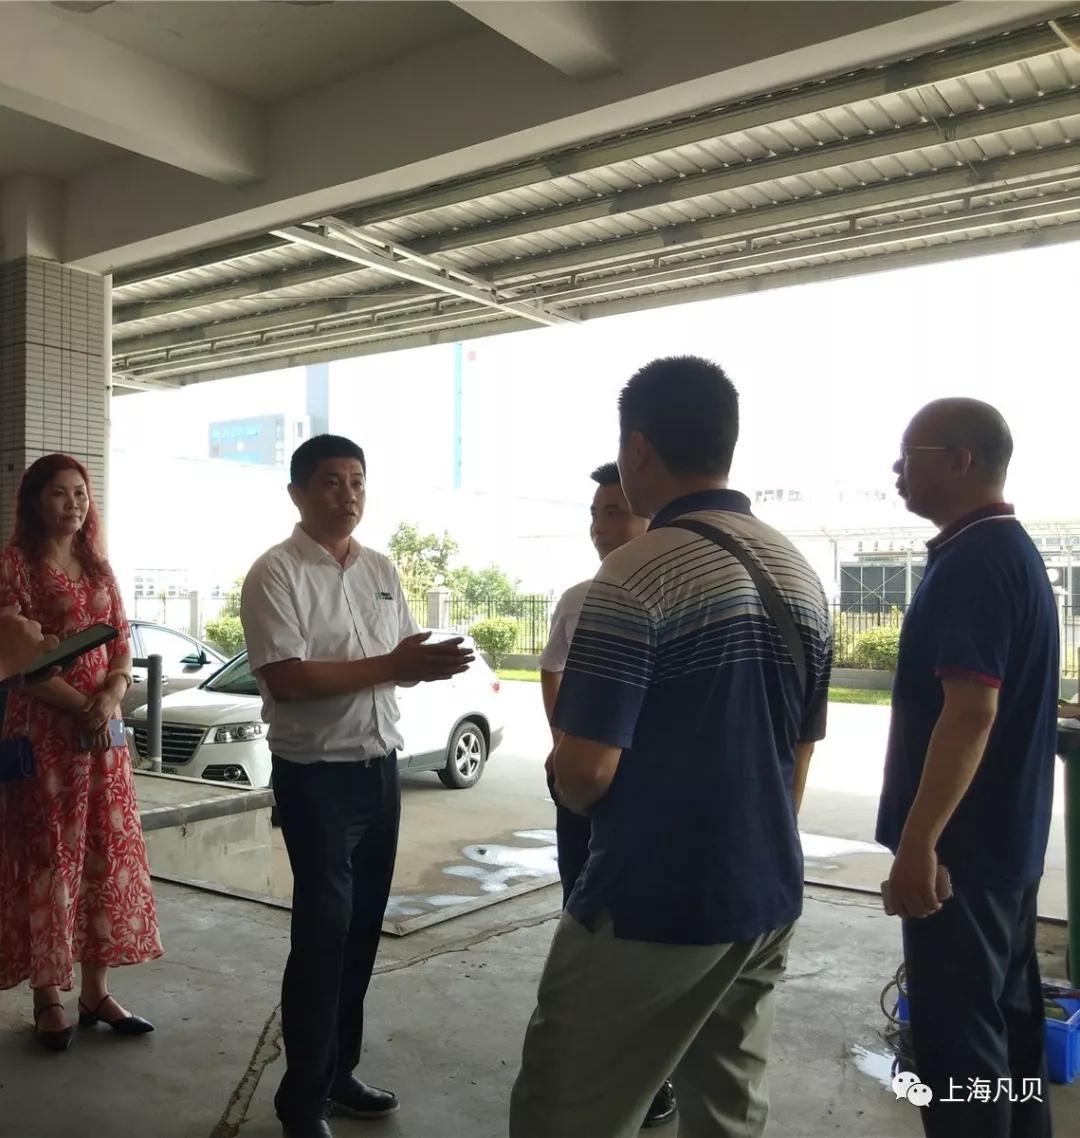 【动态】上海凡贝迎来西南大区考察团参观交流